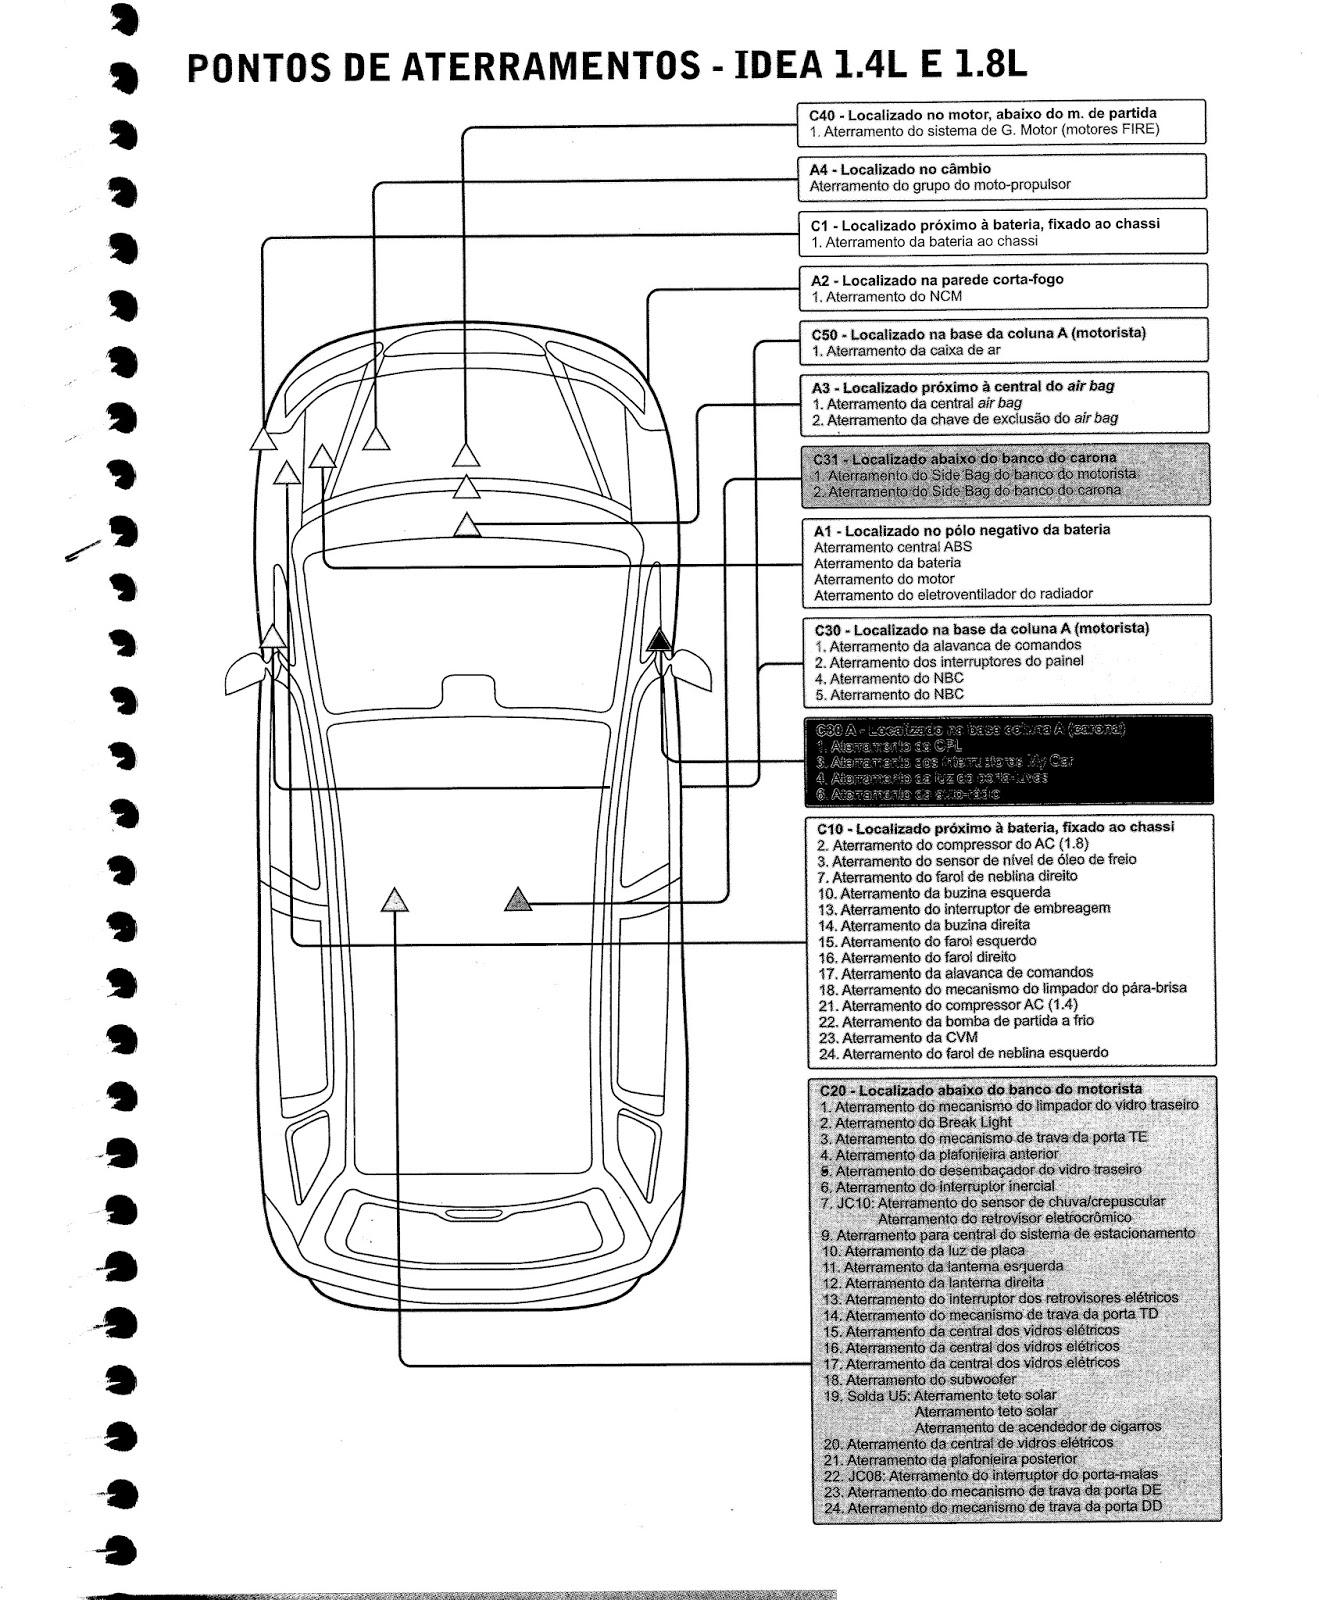 Epaul Garage Pontos De Aterramentos Fiat Idea 1 4 E 1 8